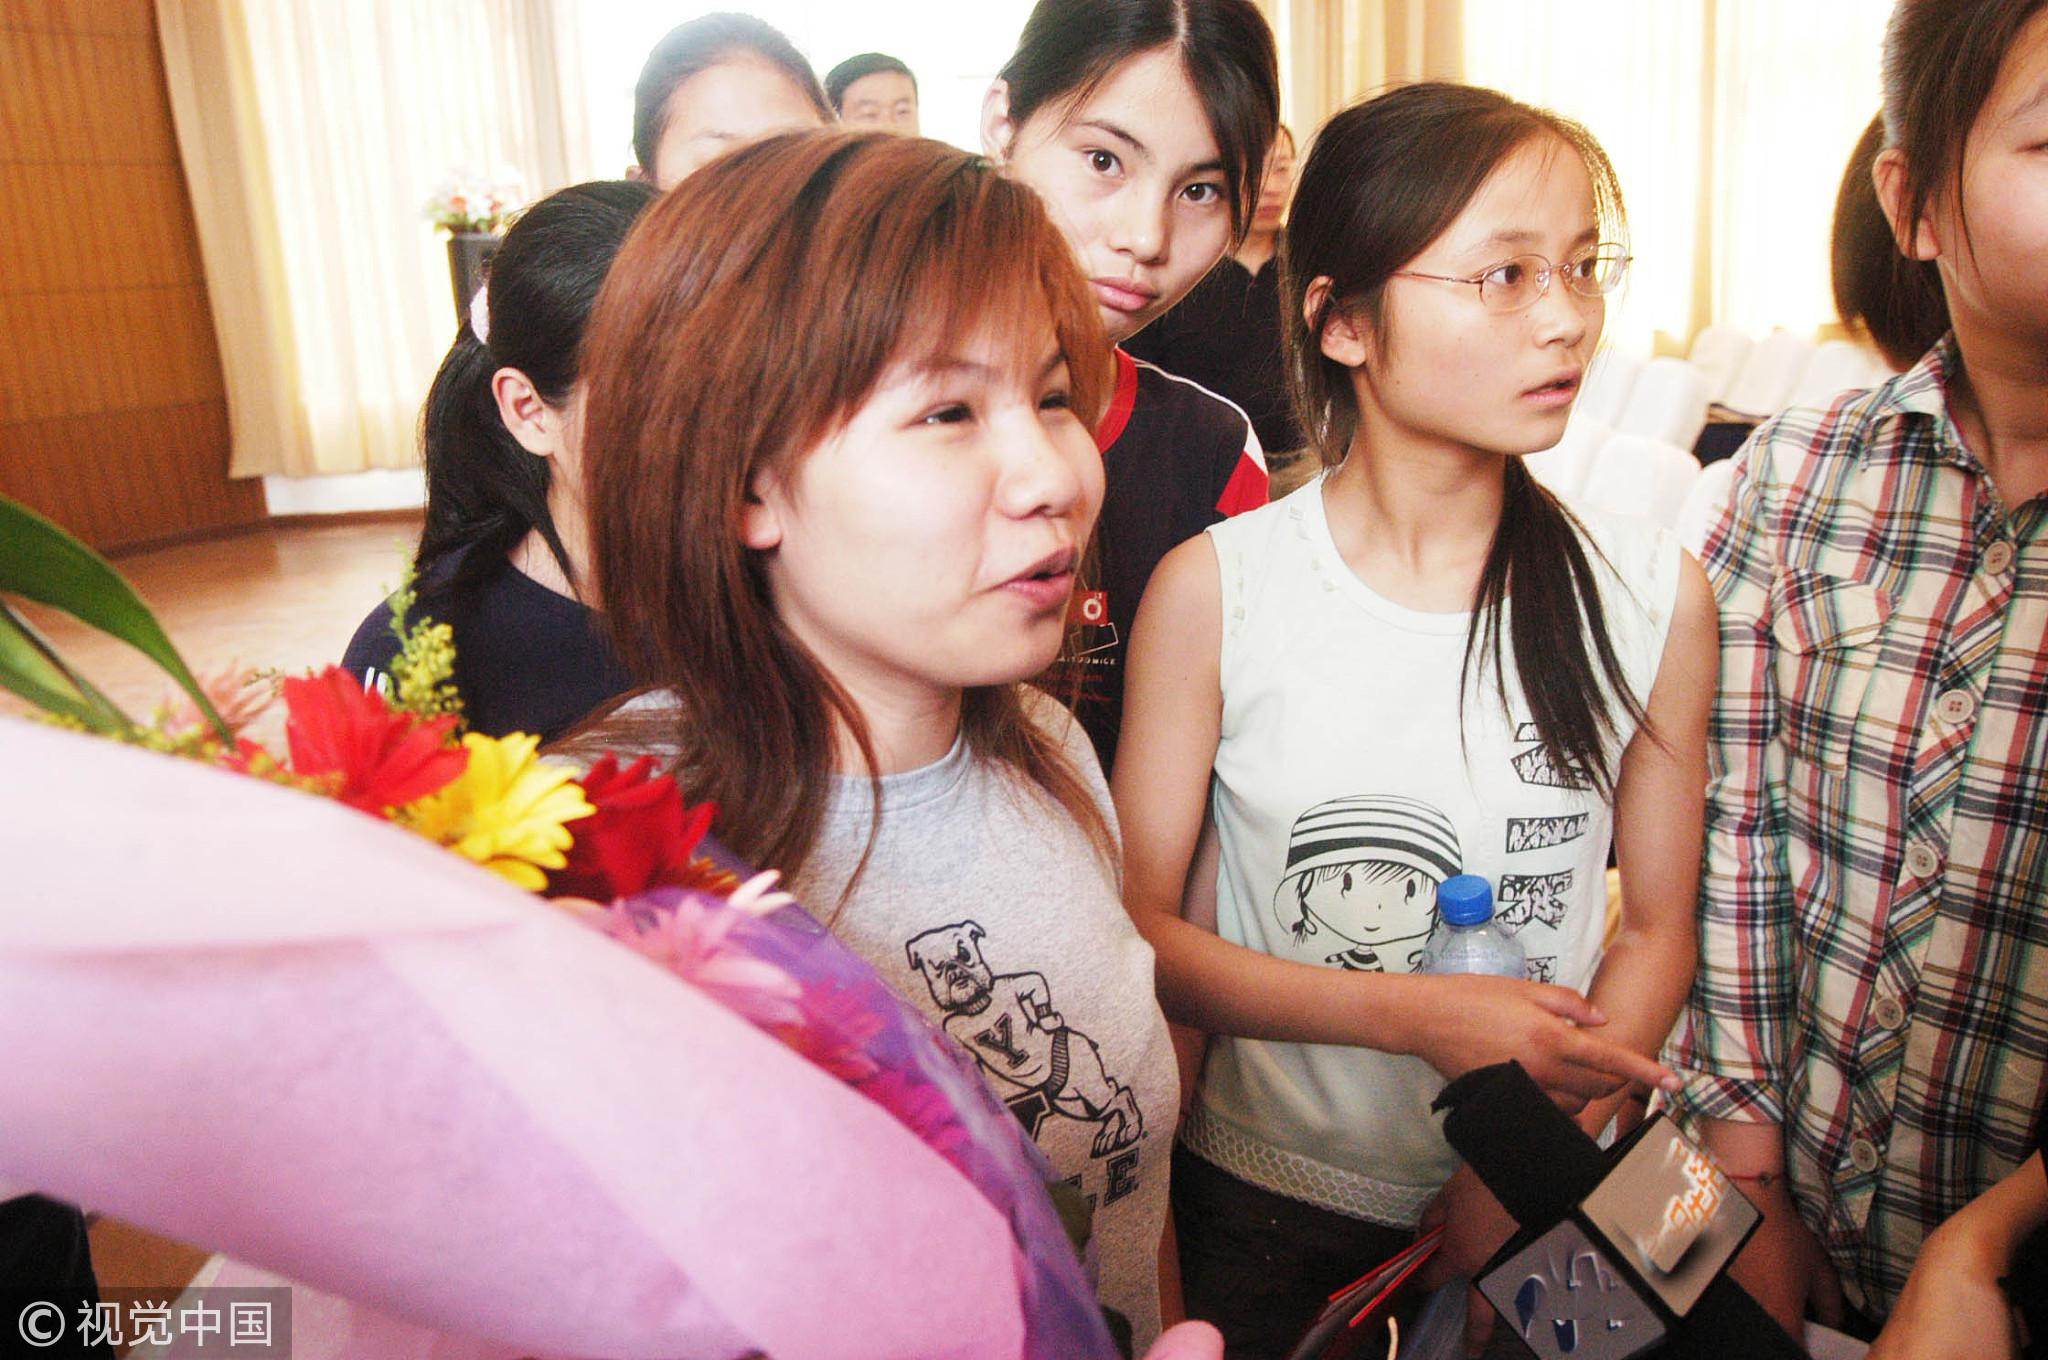 2007年6月18日,扬州,一名盲人学生同时被耶鲁、哈佛、斯坦福三所美国大学录取。/视觉中国